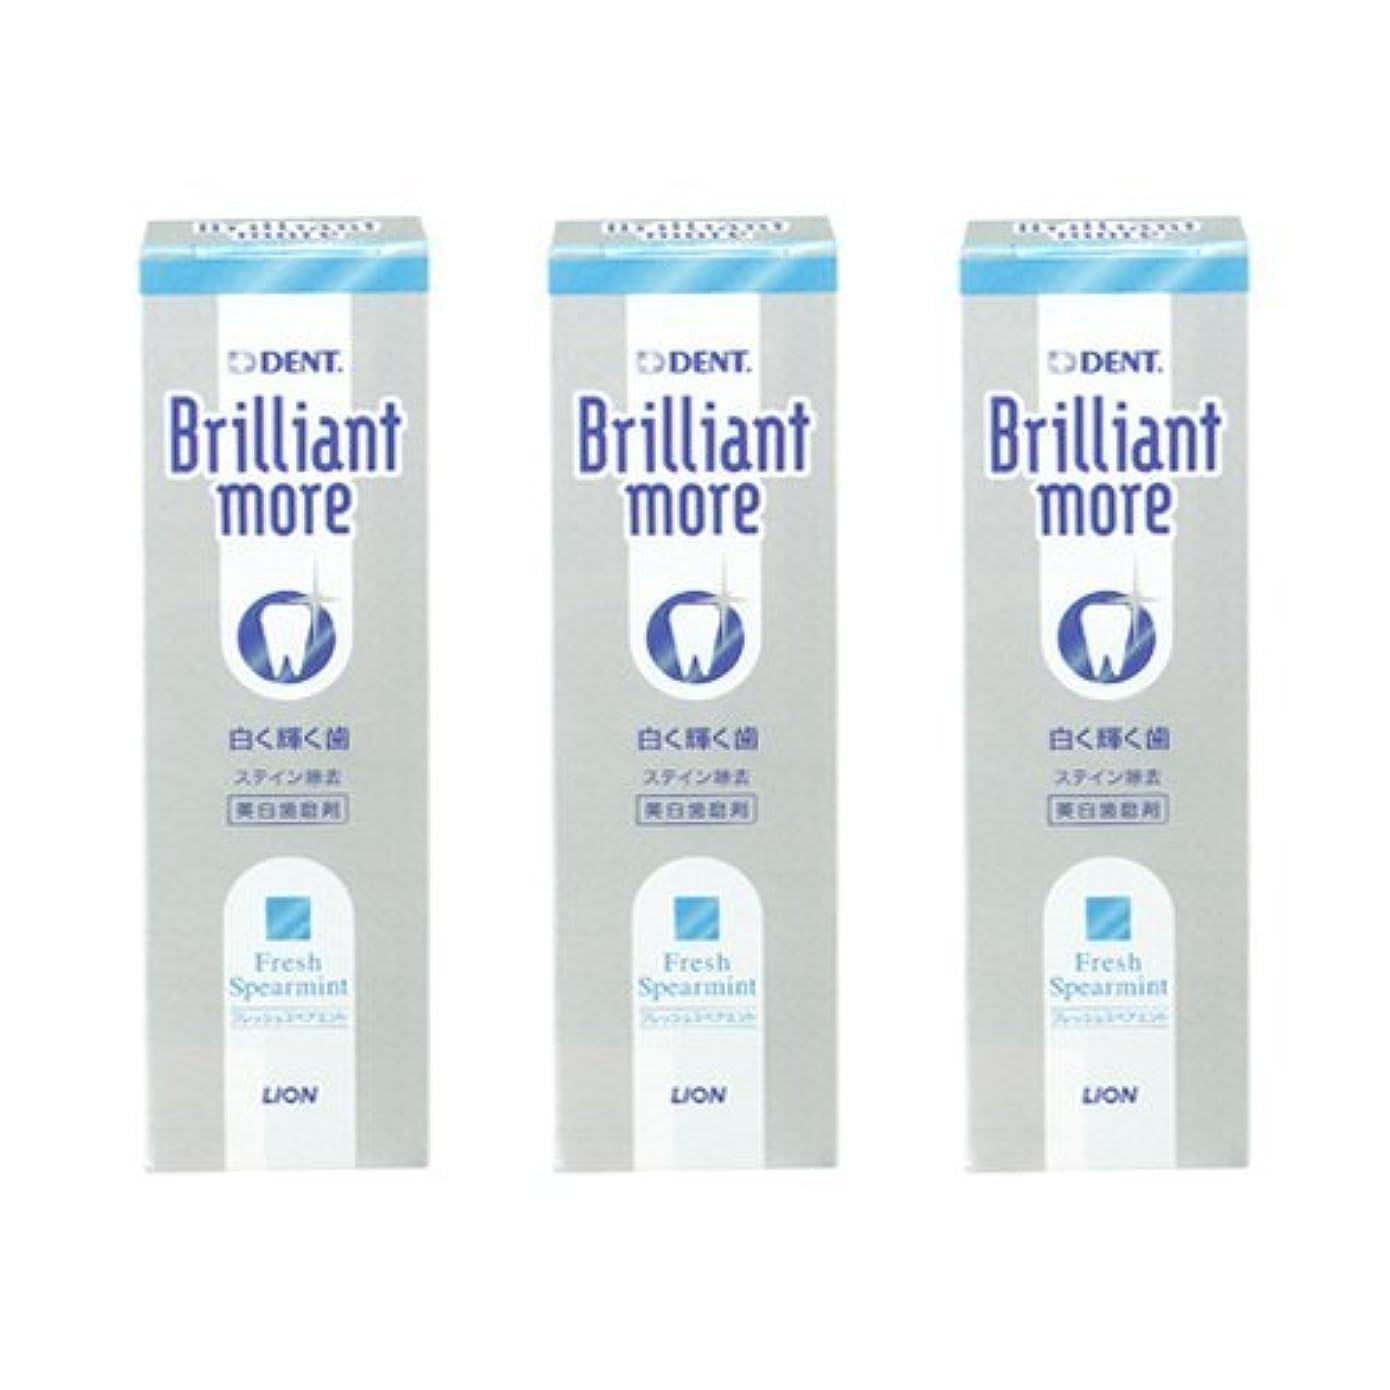 ふさわしいあいまい刈るライオン ブリリアントモア フレッシュスペアミント 3本セット 美白歯磨剤 LION Brilliant more